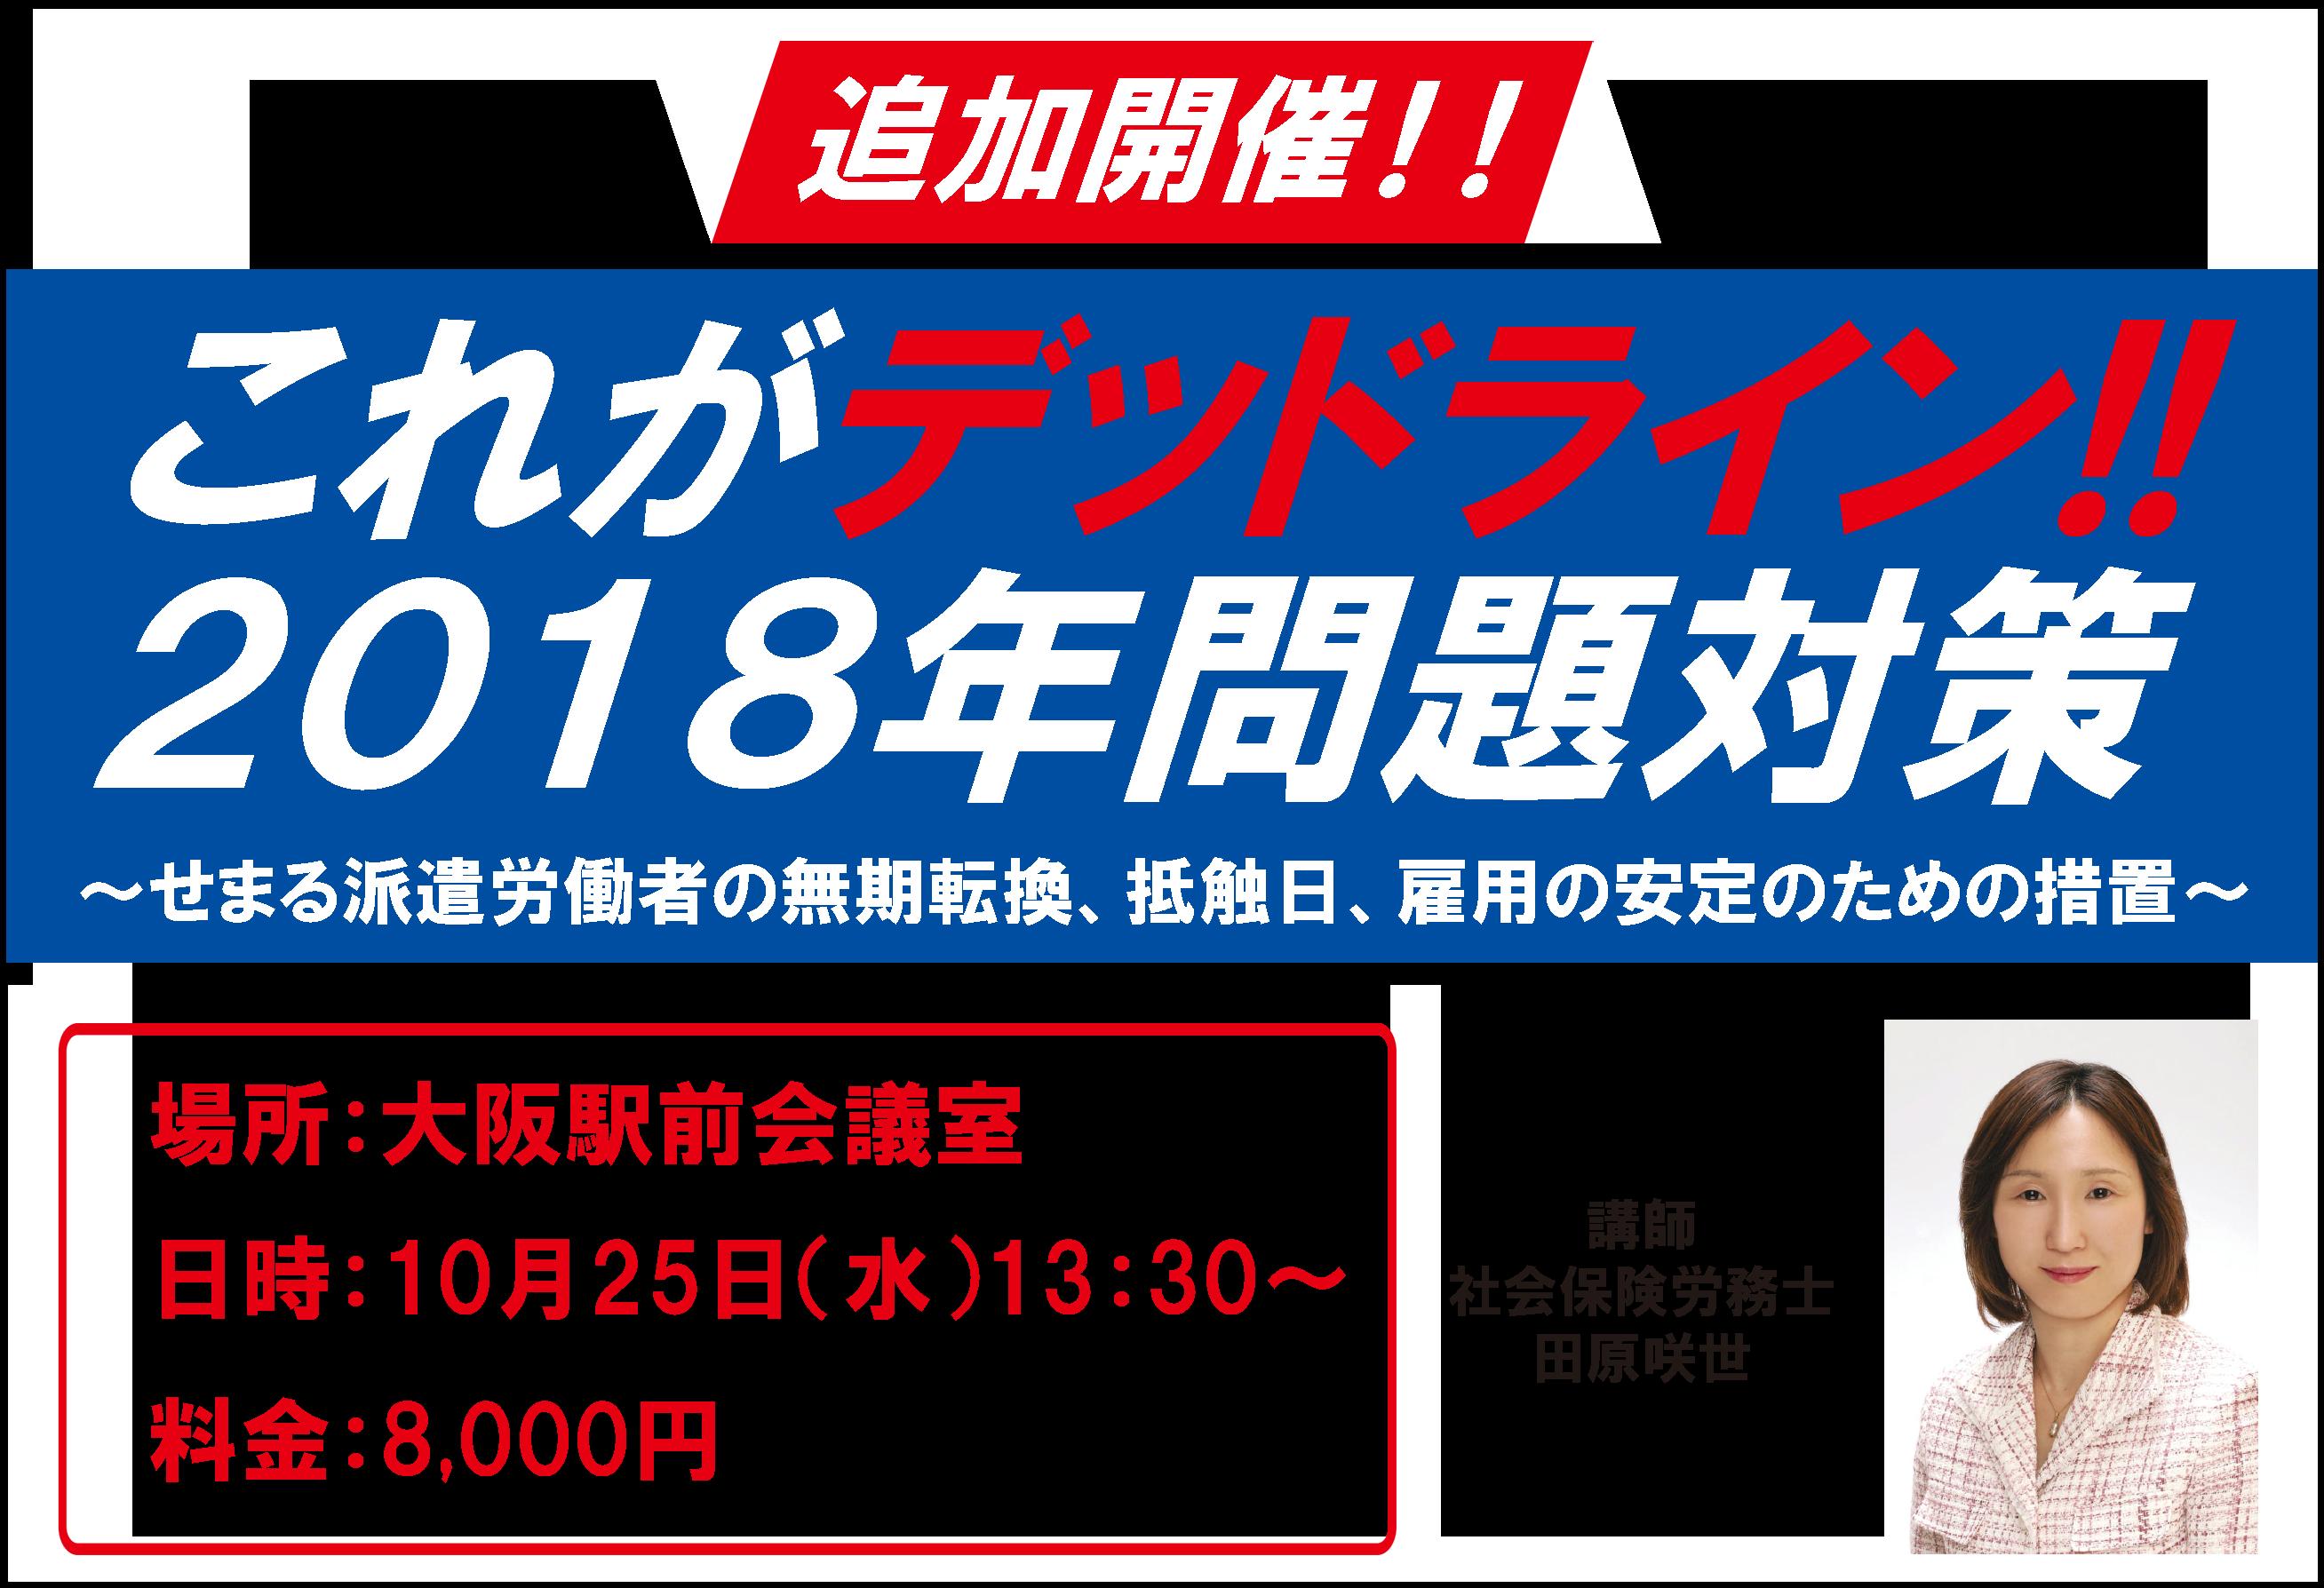 田原セミナー追加大阪